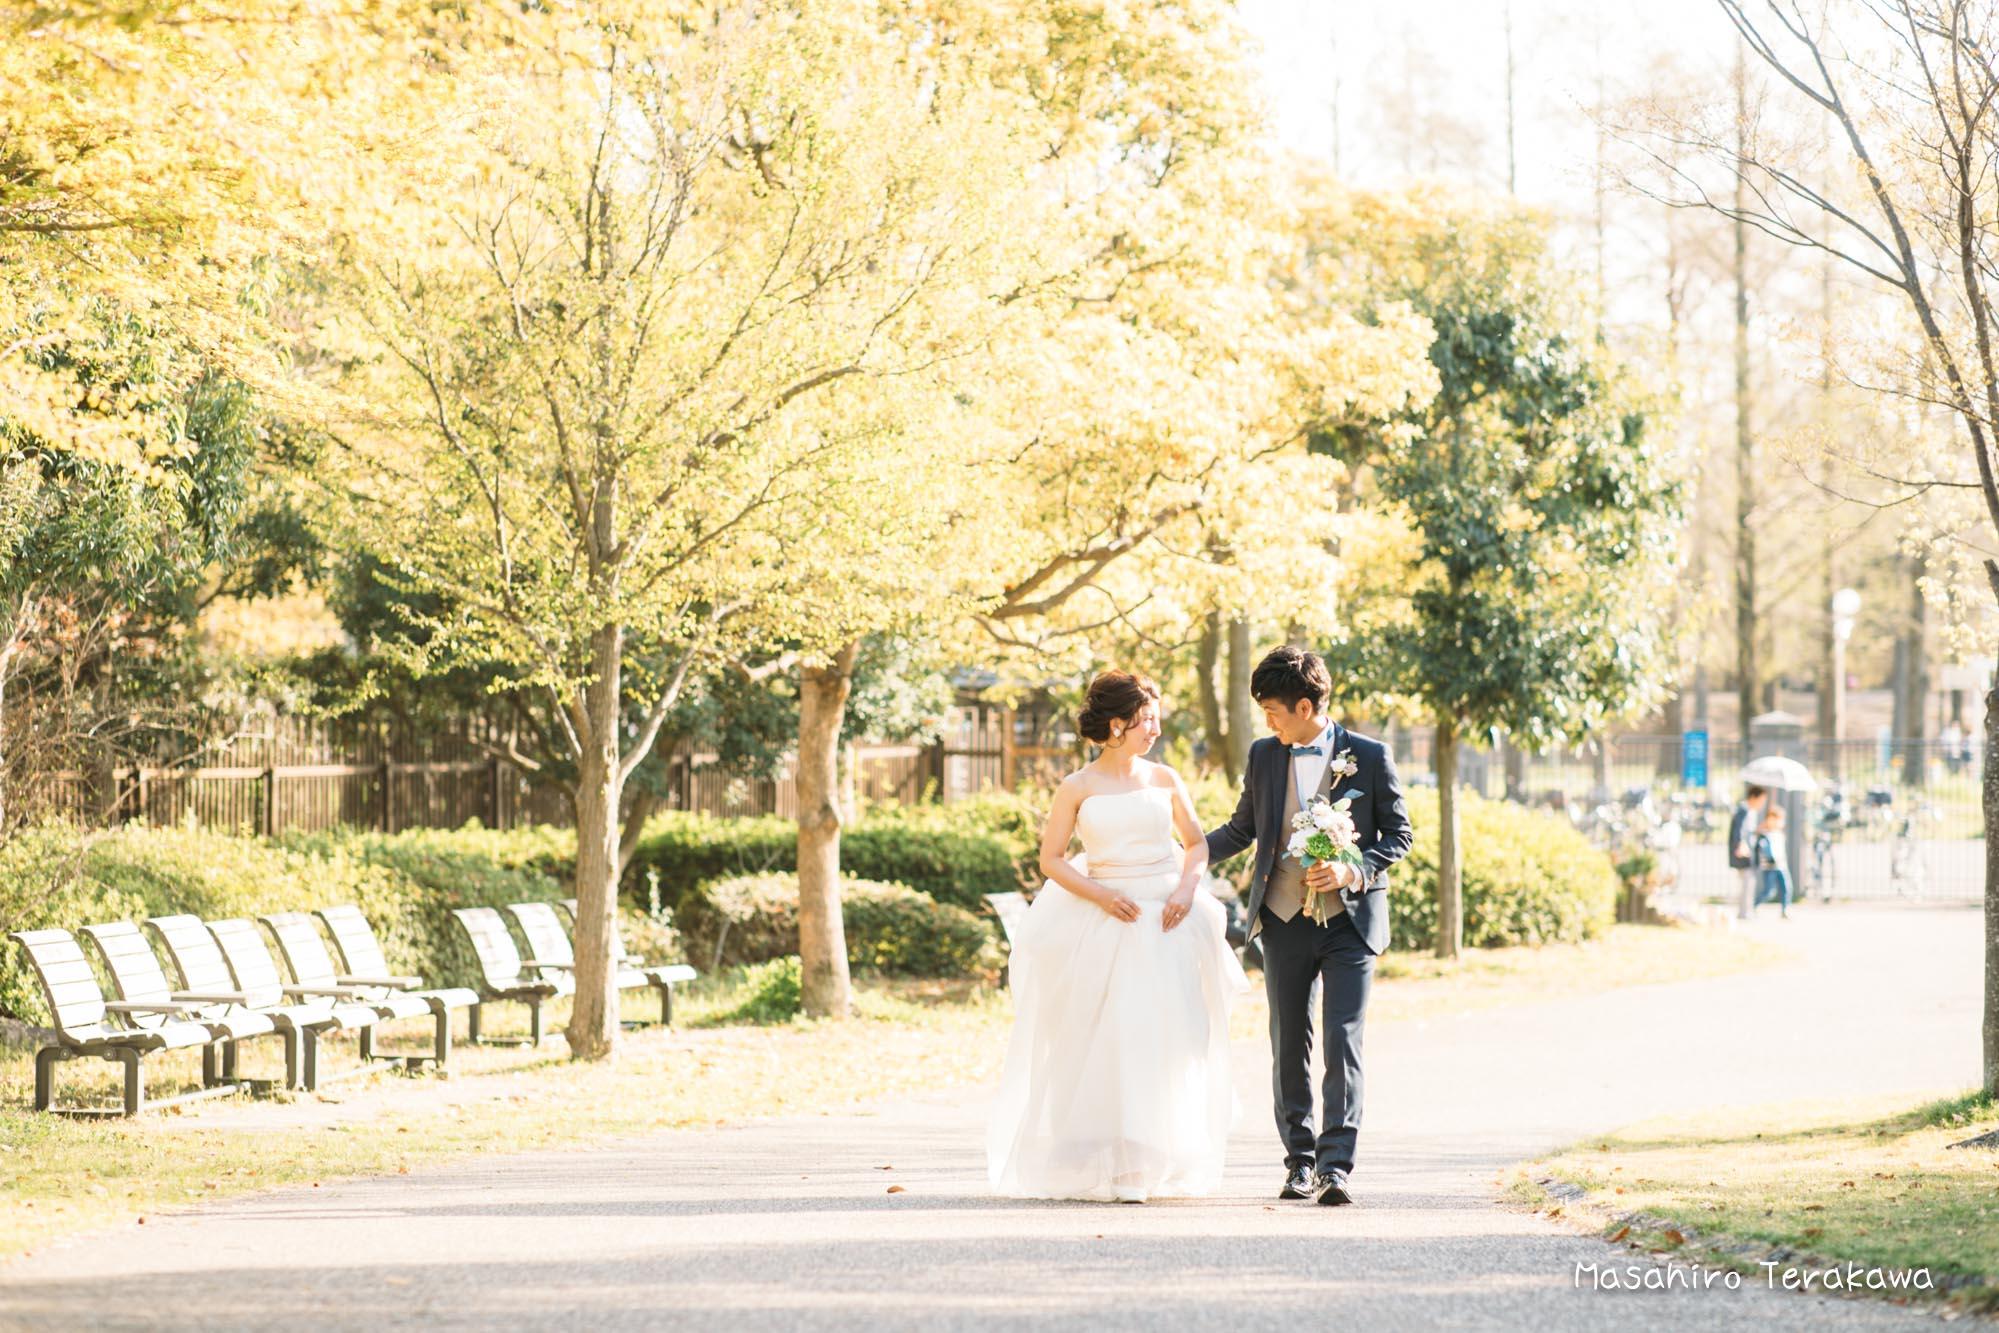 【大阪】鶴見緑地公園で結婚式の和装・洋装前撮り7